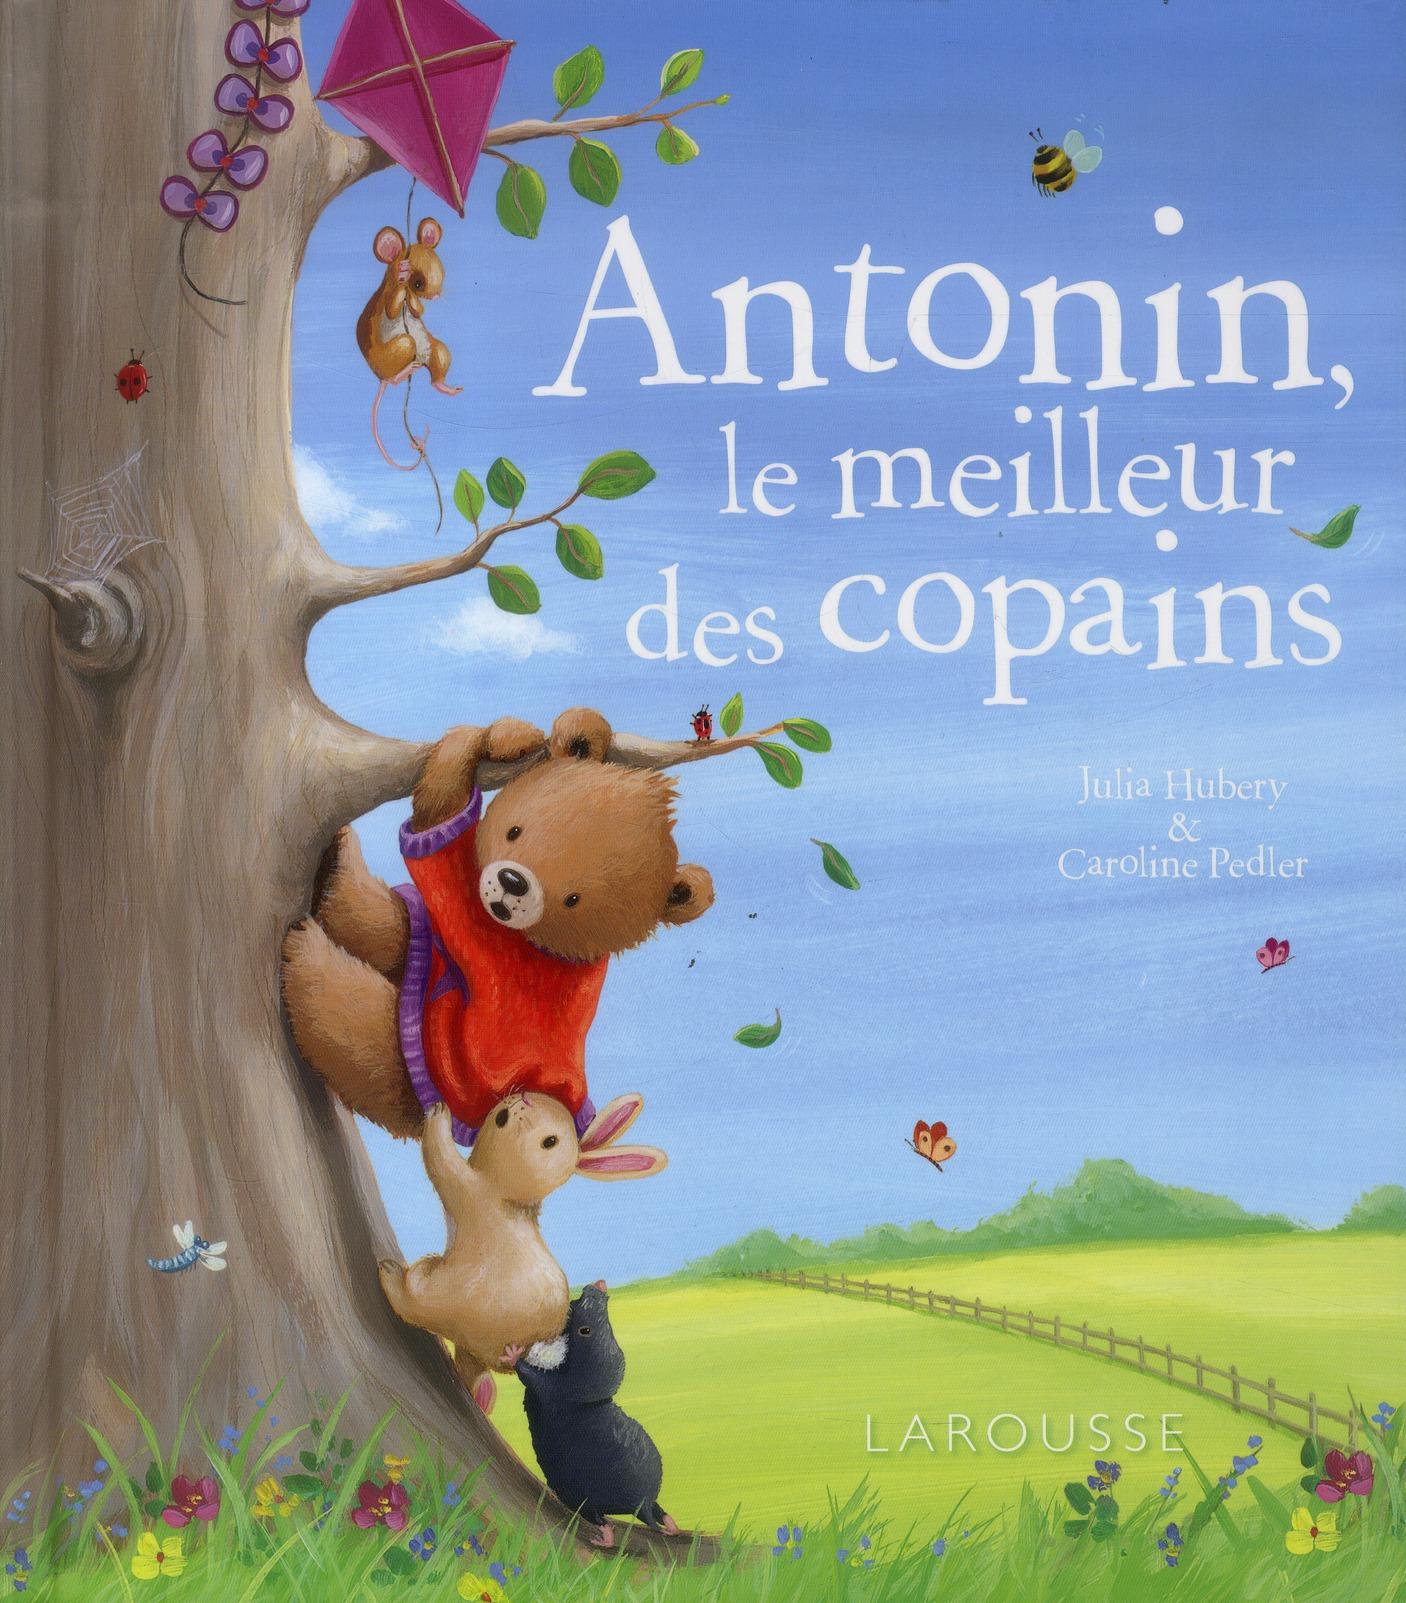 Antonin, le meilleur des copains